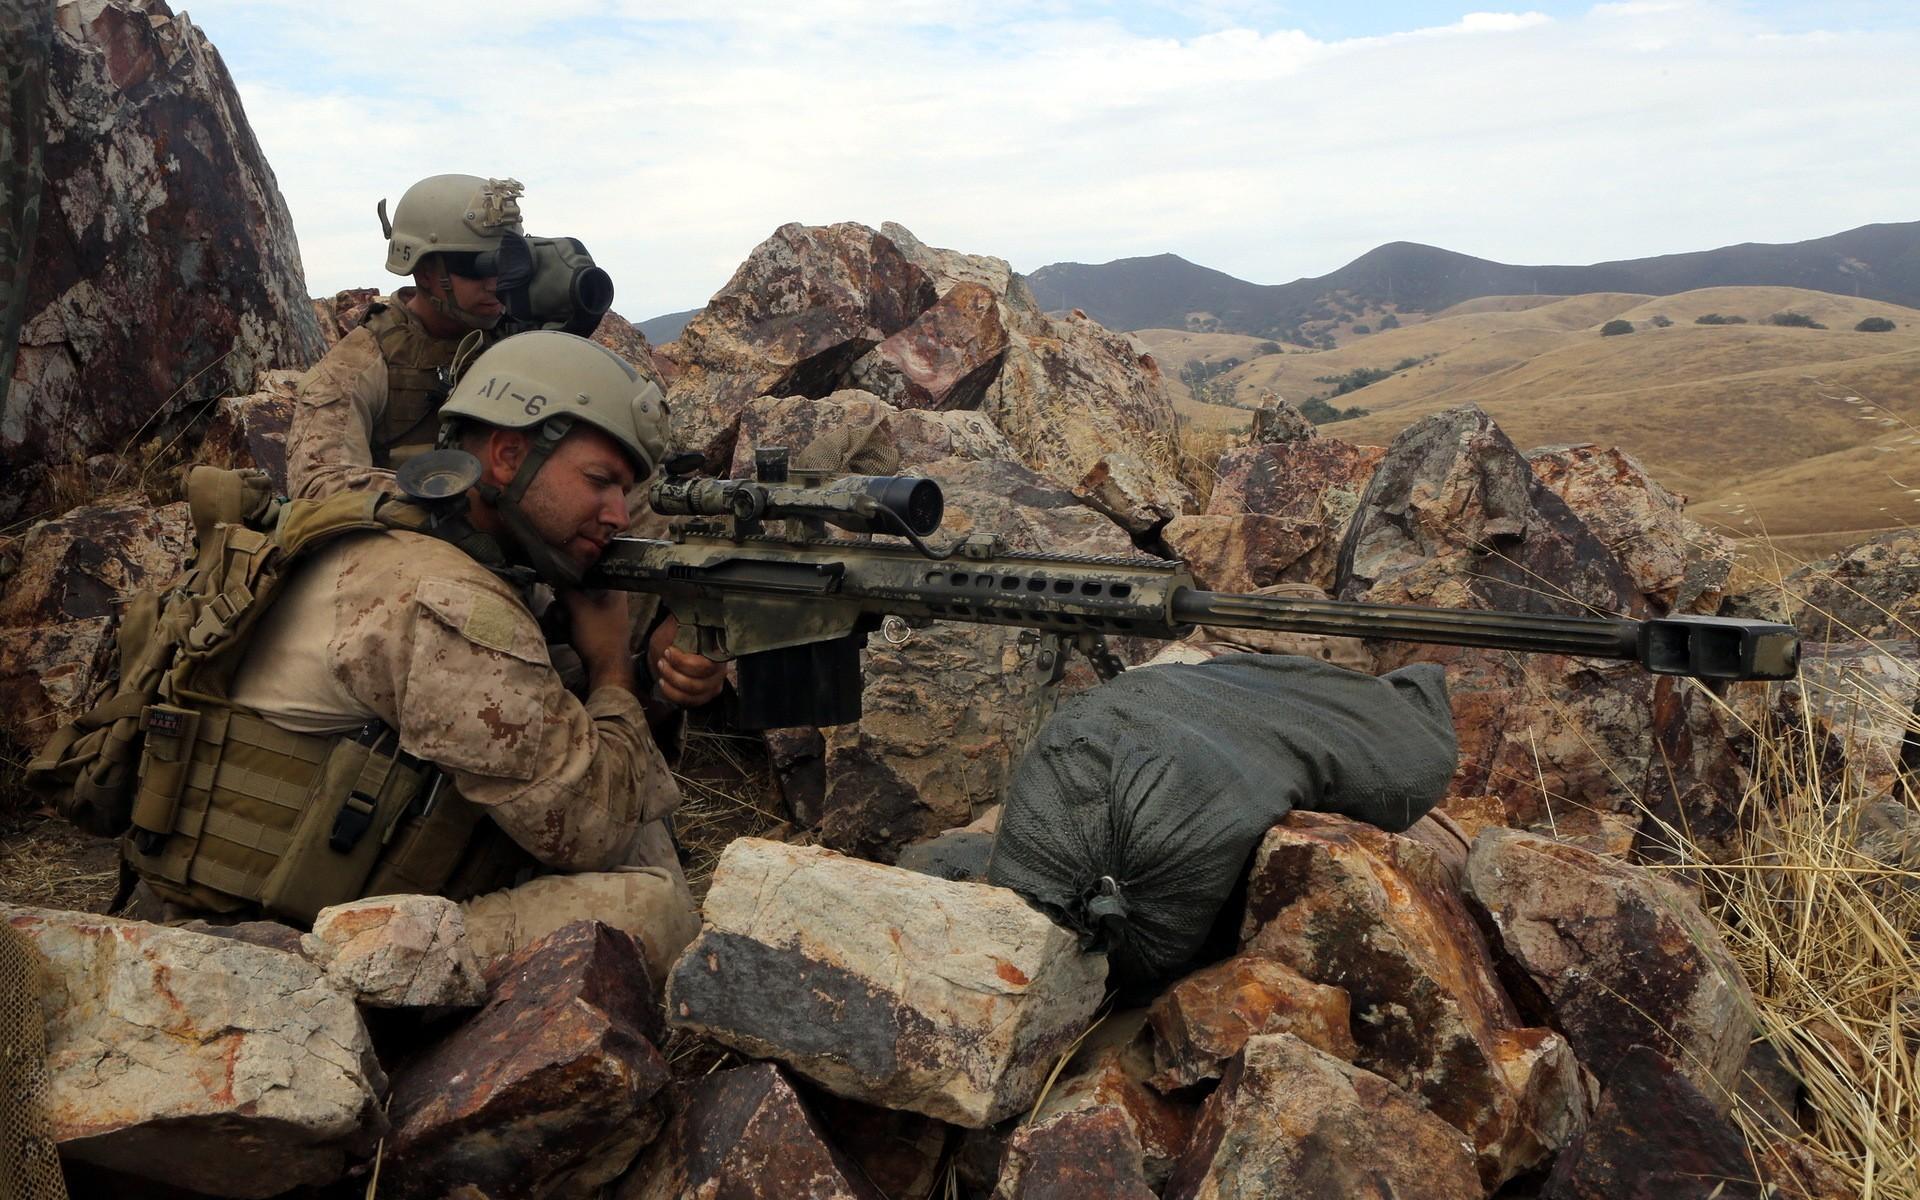 デスクトップ壁紙 人 銃 武器 兵士 軍事 スナイパーライフル